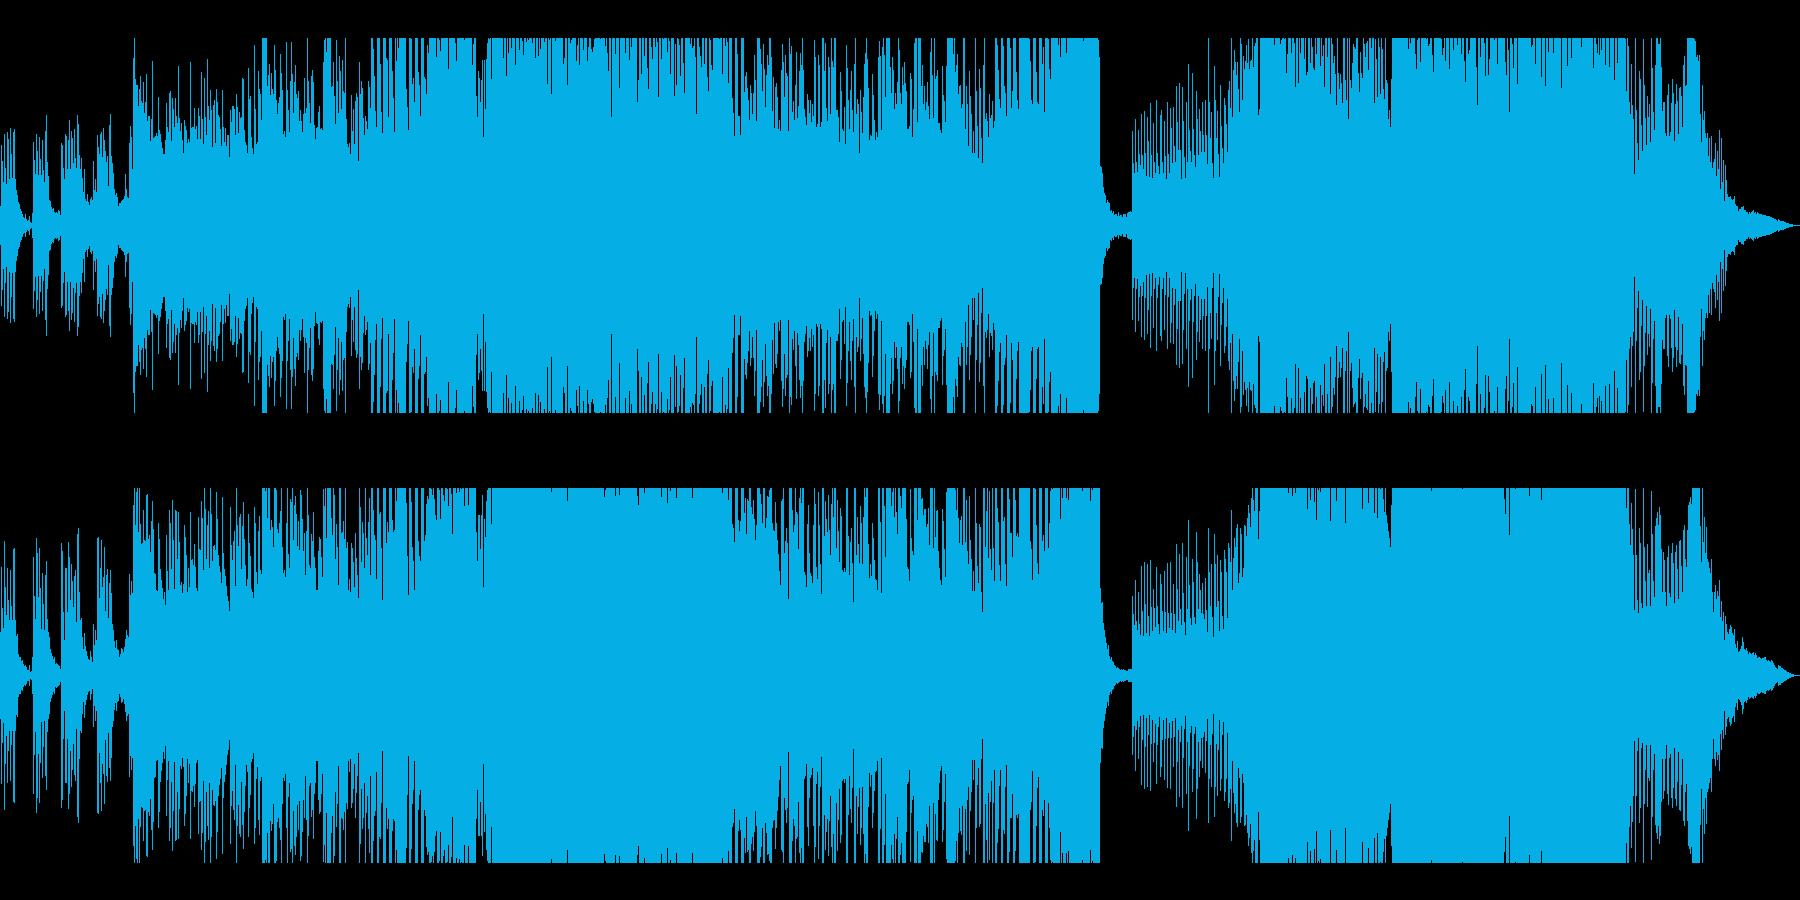 ゲームで勝った時に流れる爽やかなEDMの再生済みの波形